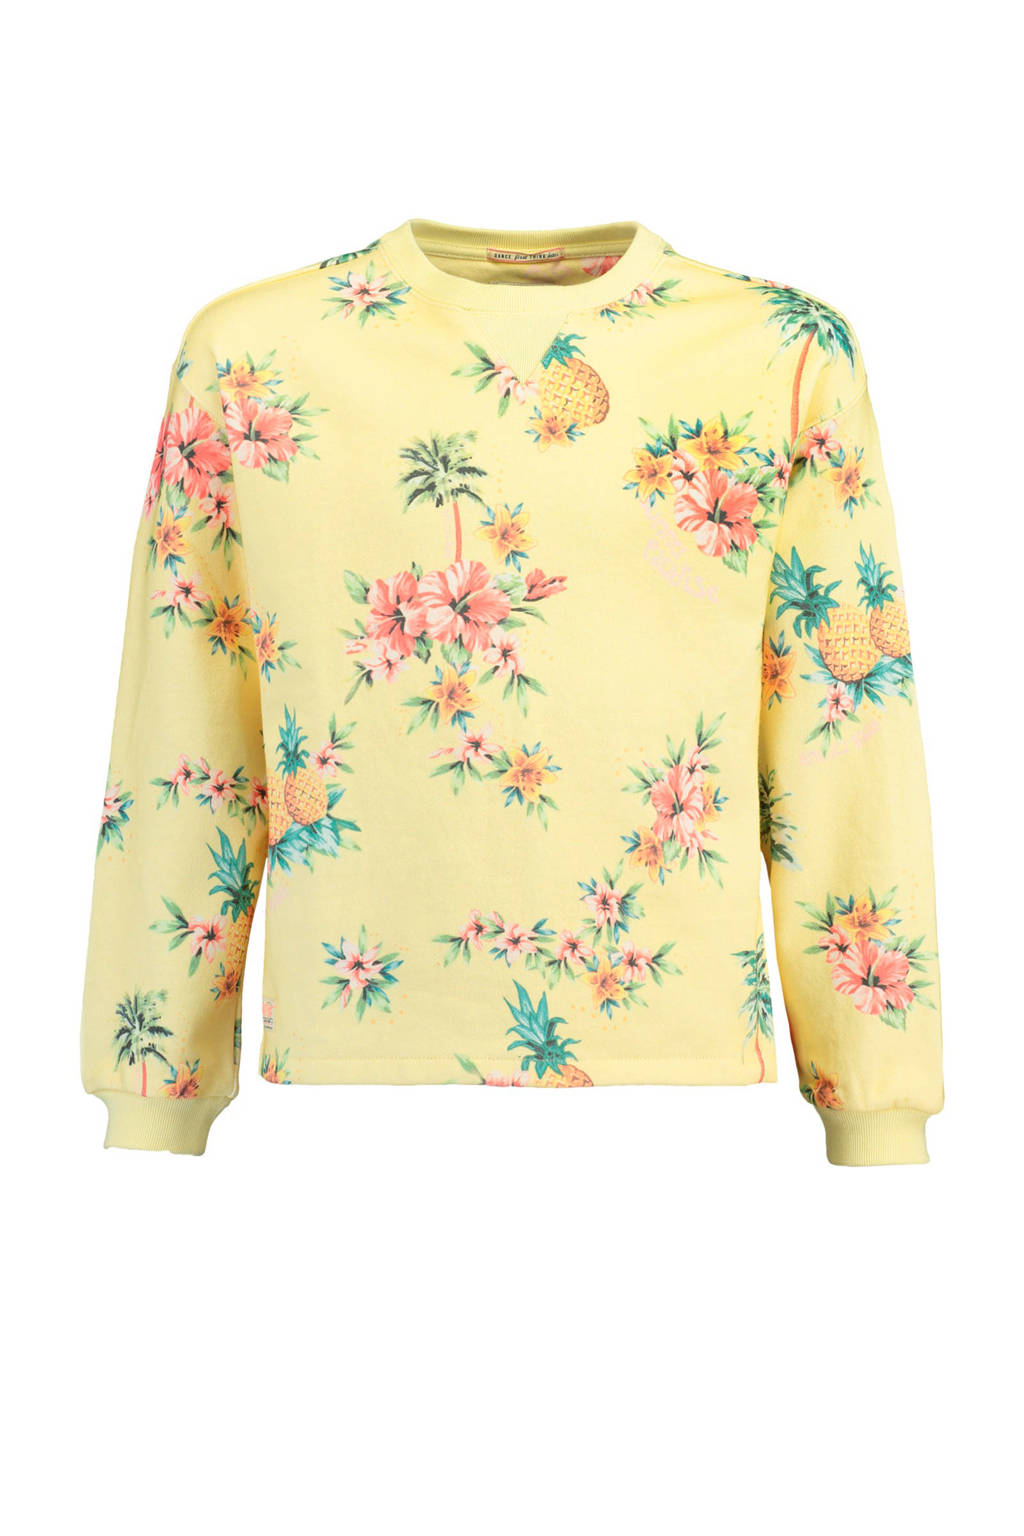 America Today Junior gebloemde sweater Selin geel, Geel